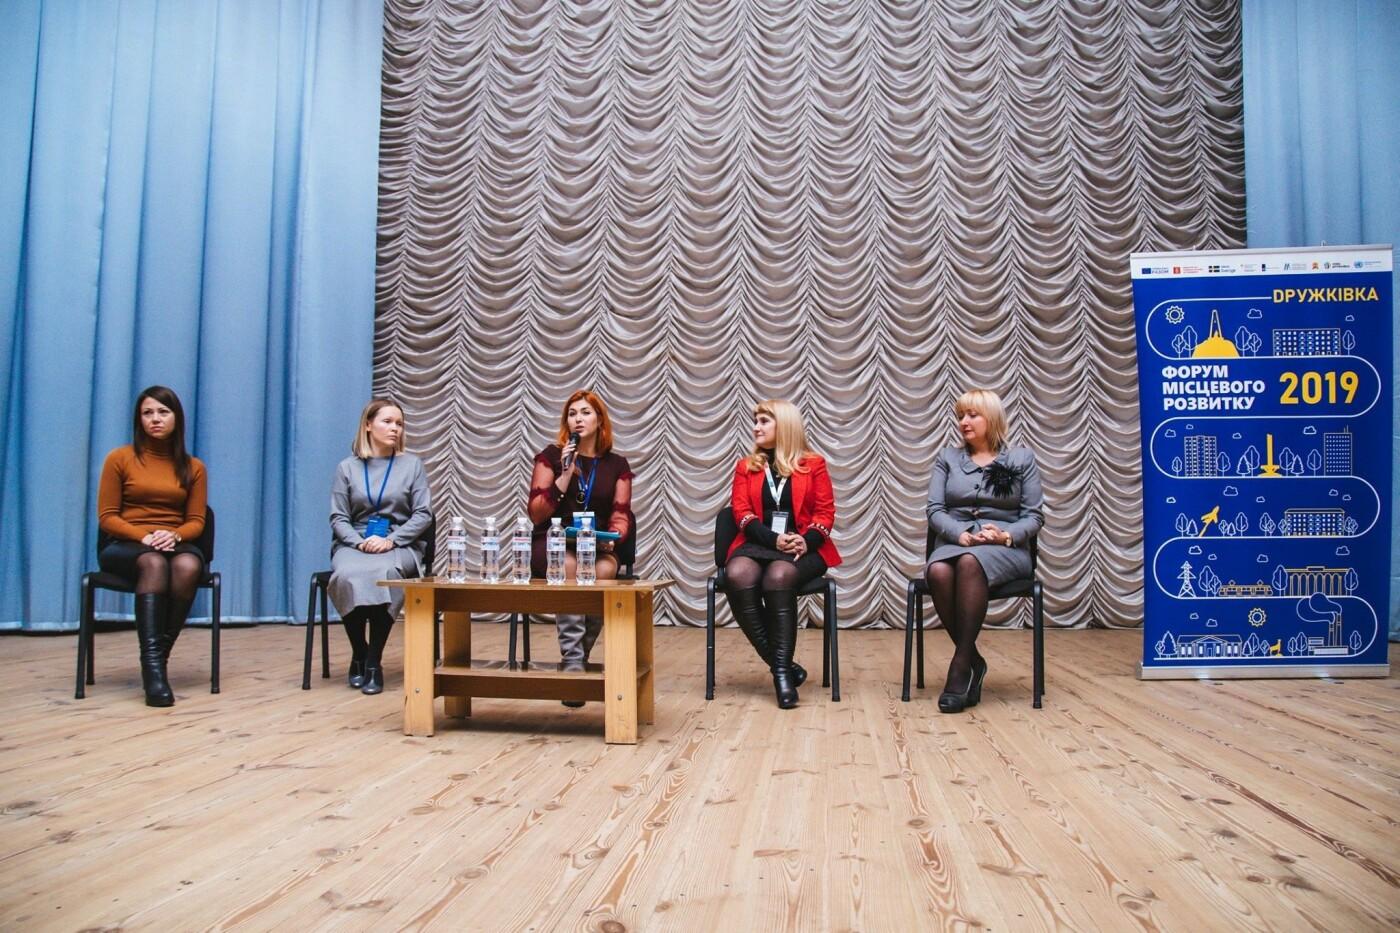 Дружківка: На Форумі місцевого розвитку пройшли плідні дискусії про майбутнє міста та громади (ФОТО), фото-18